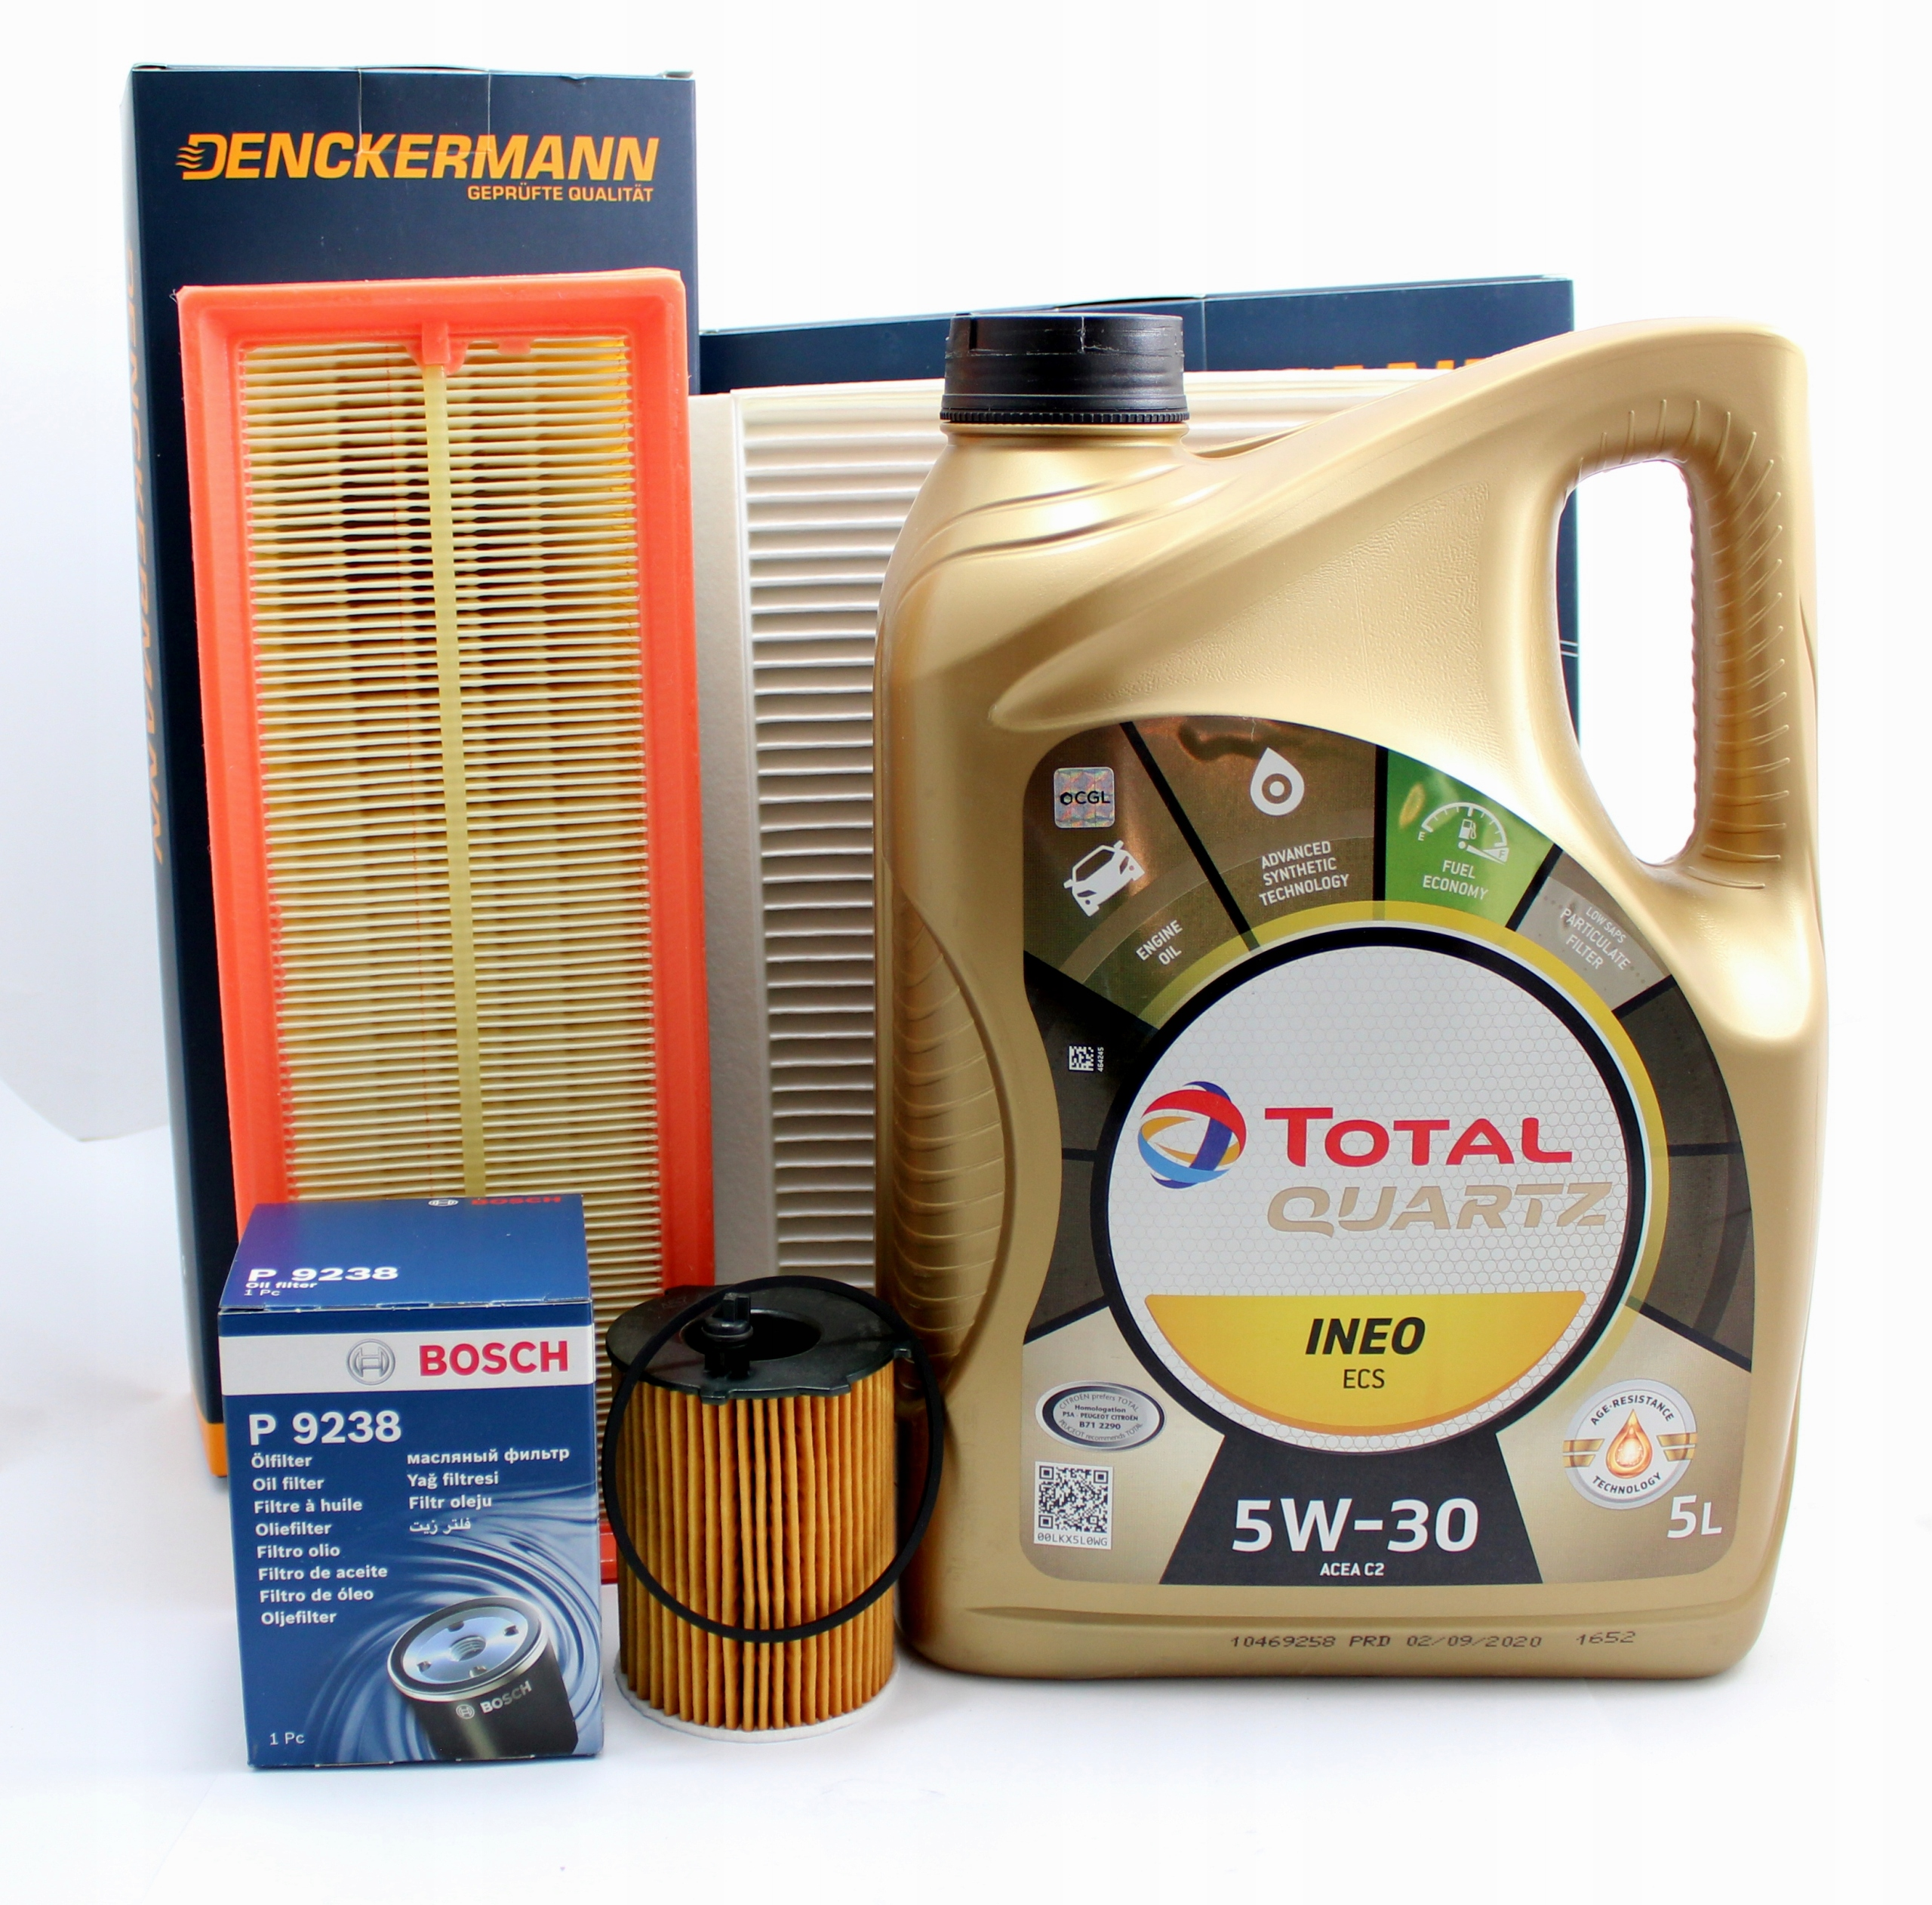 фильтры +olej total5w30 5l citroen c3 c4 16 hdi